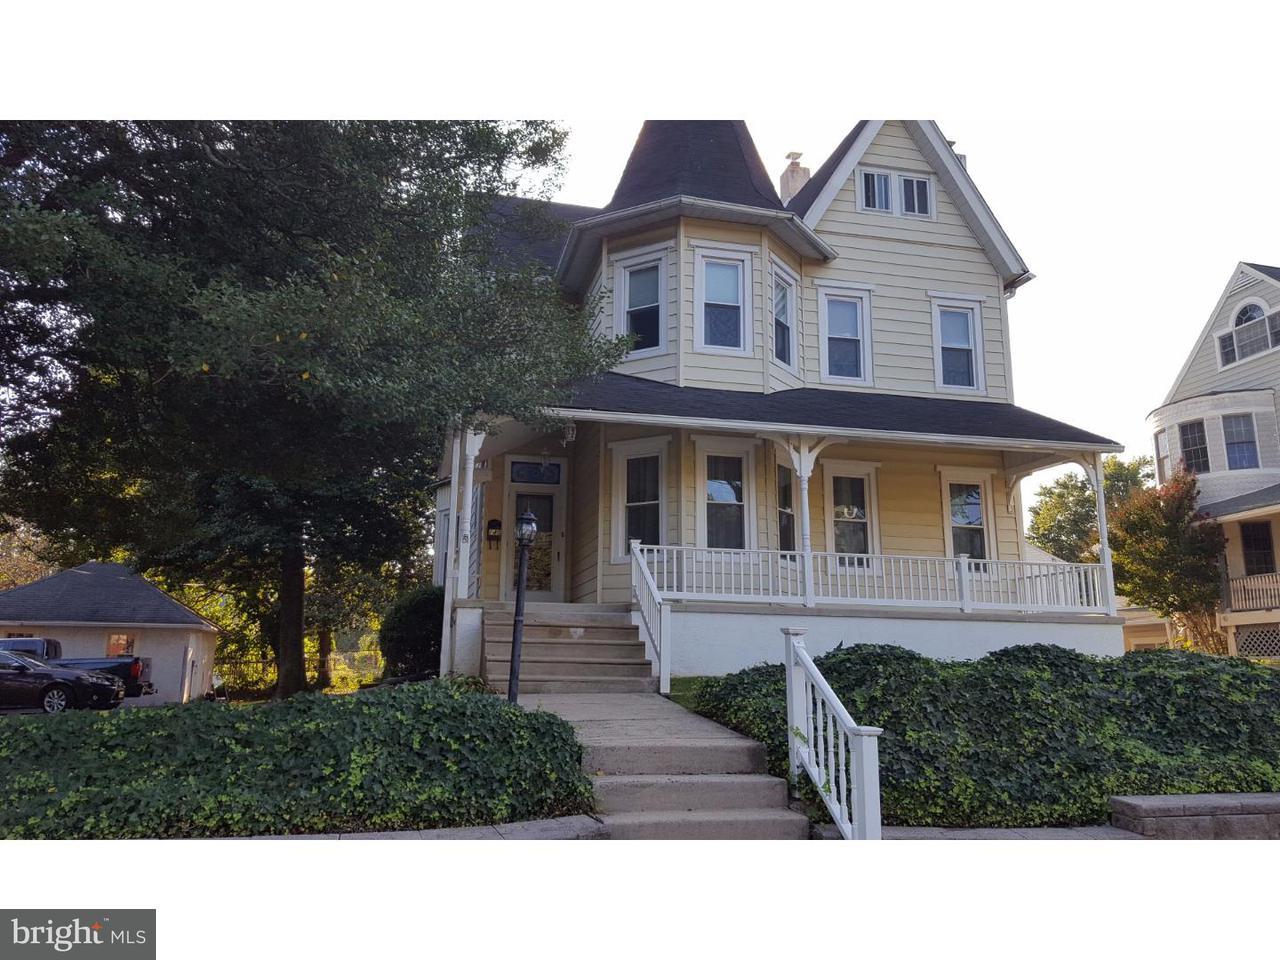 Maison unifamiliale pour l Vente à 140 W RIDLEY Avenue Norwood, Pennsylvanie 19074 États-Unis